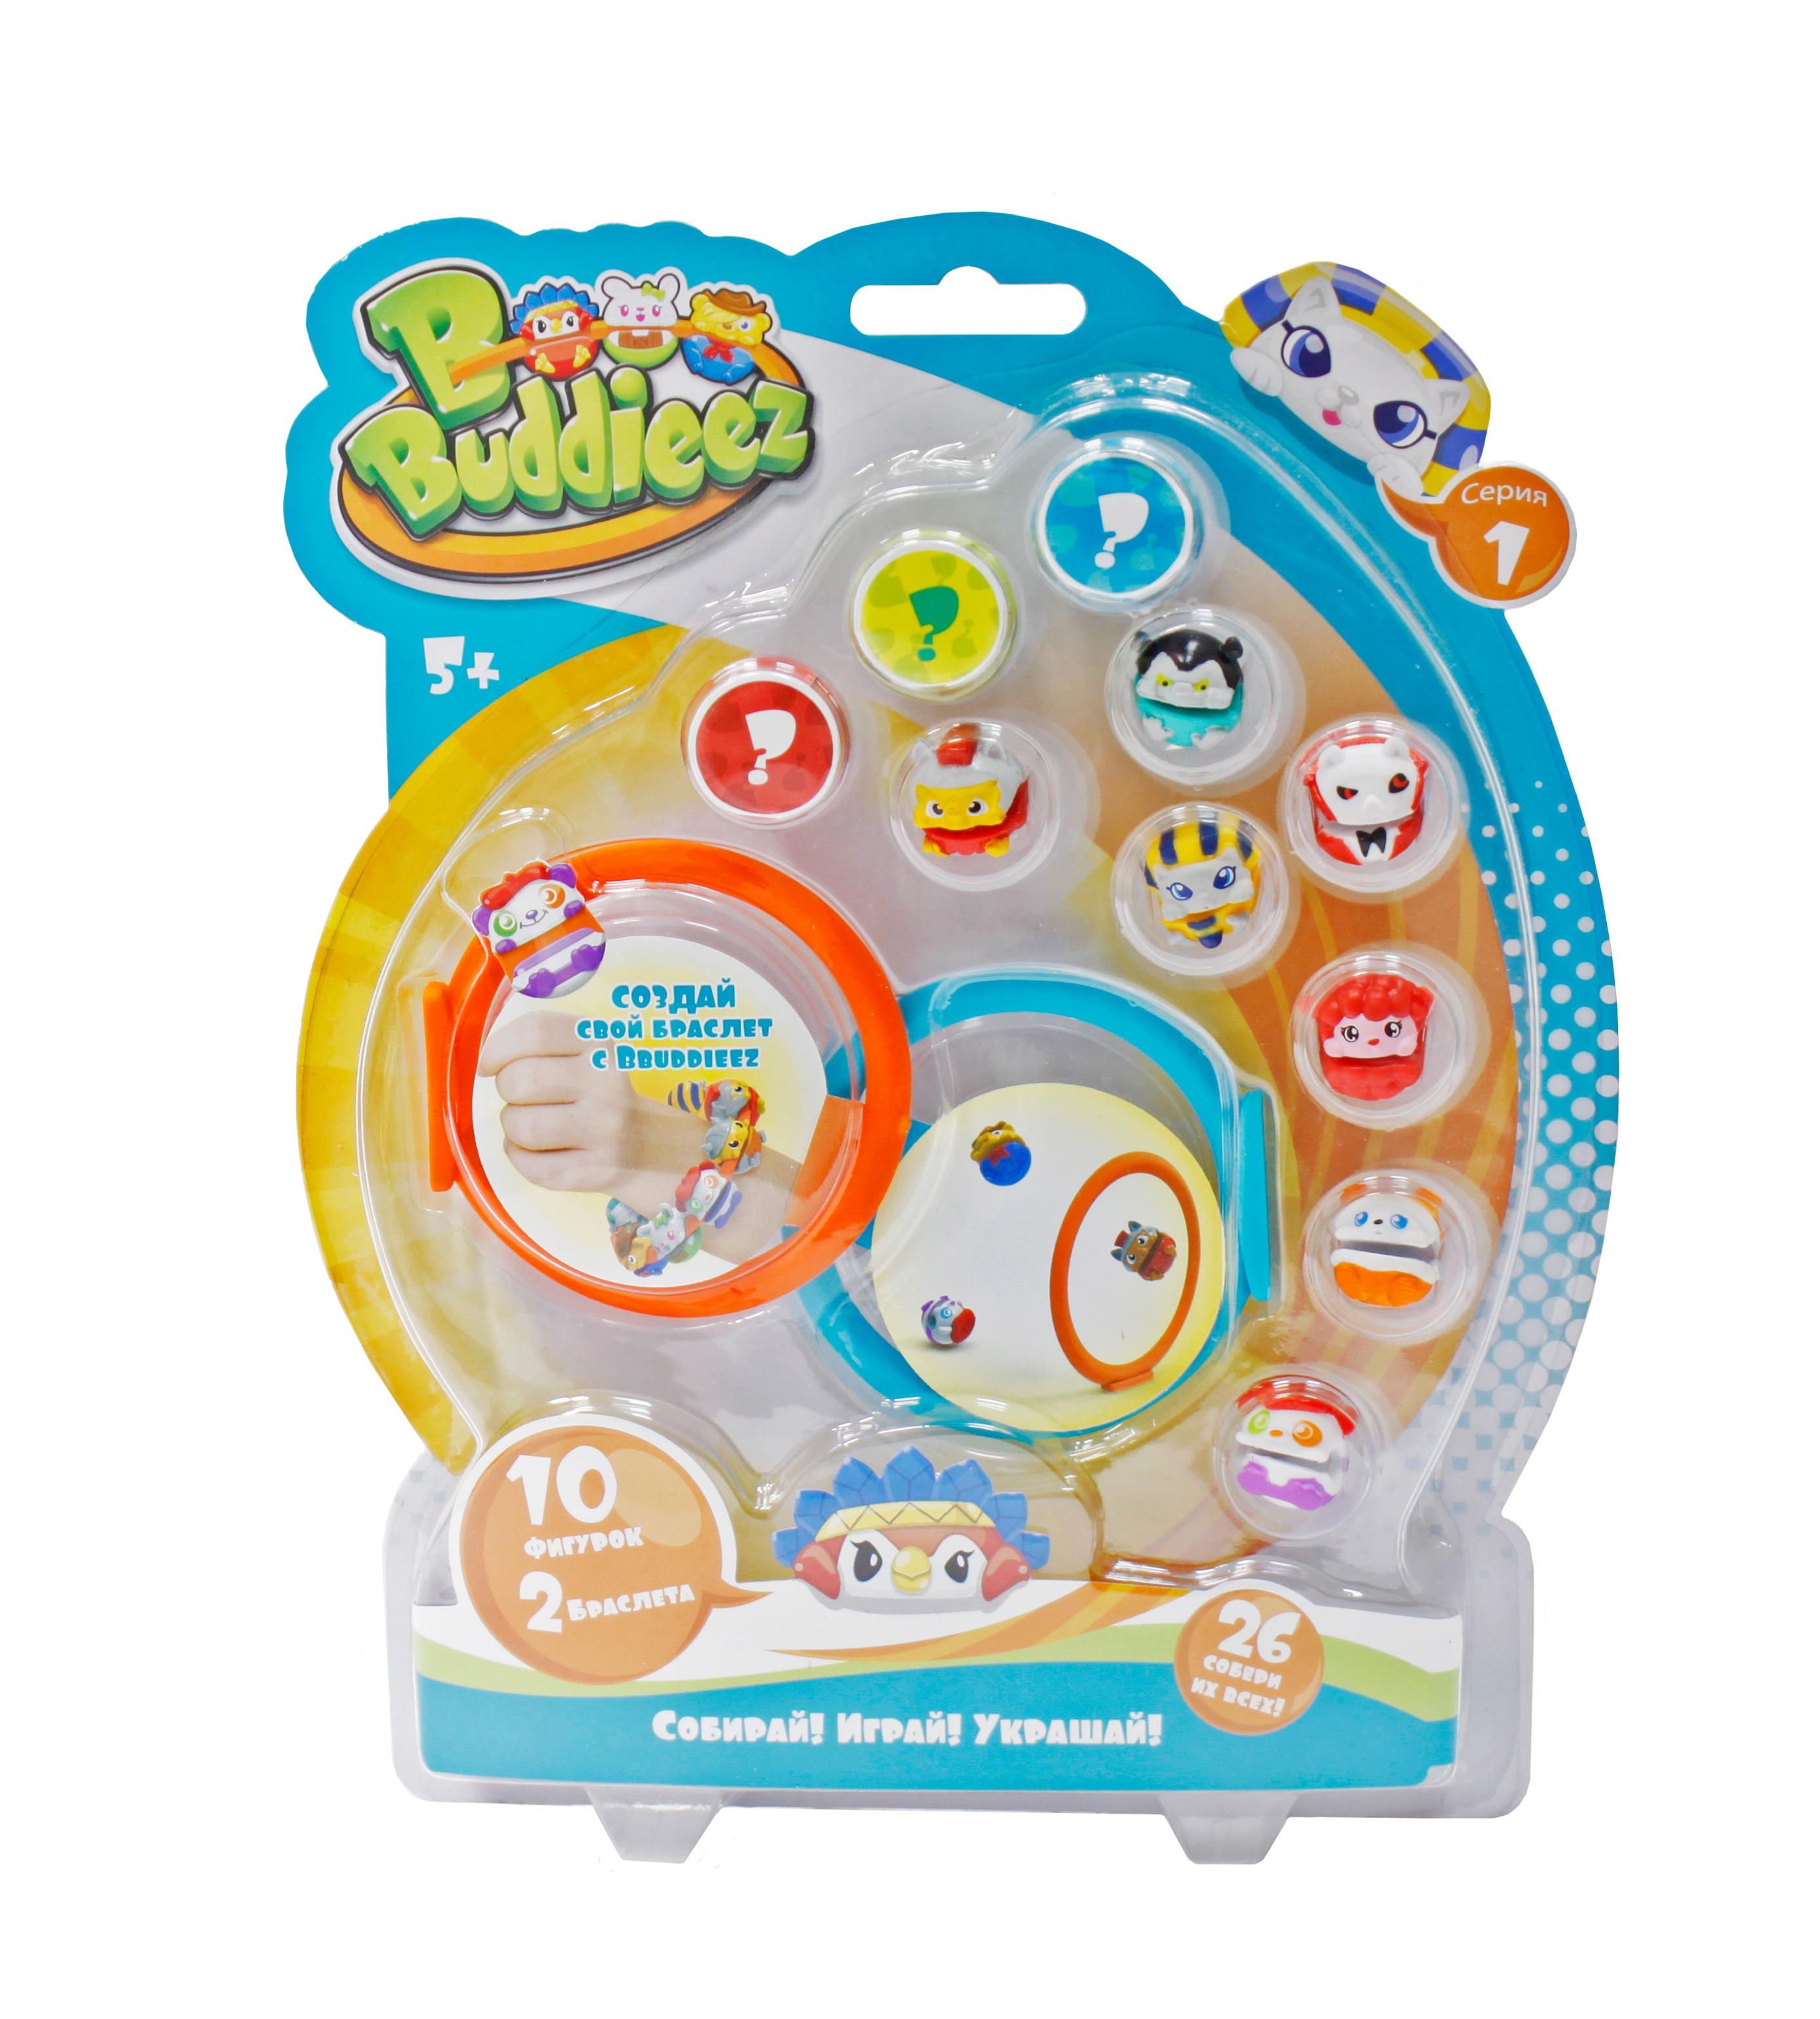 Набор 1toy 10 шармов и 2 браслета игровой набор 1toy bbuddieez закрытый пакетик с 2 персонажами шармами 2 карточки 13 7см